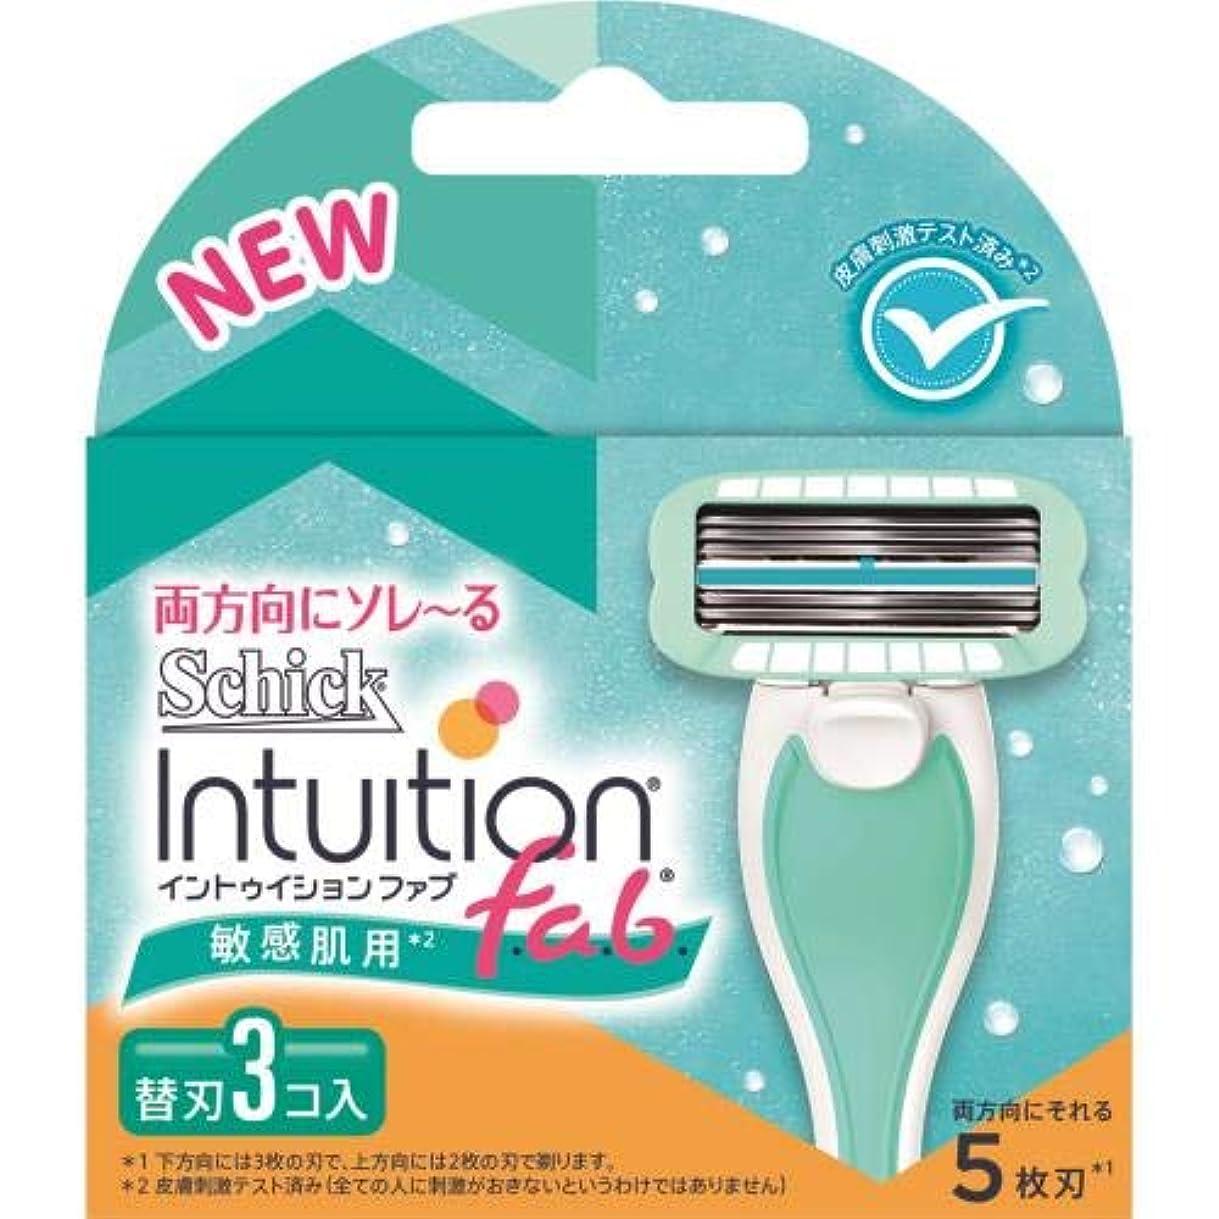 かかわらず拡声器サルベージシック?ジャパン イントゥイション ファブ 替刃 敏感肌用 (3個入) 女性用カミソリ 4個セット